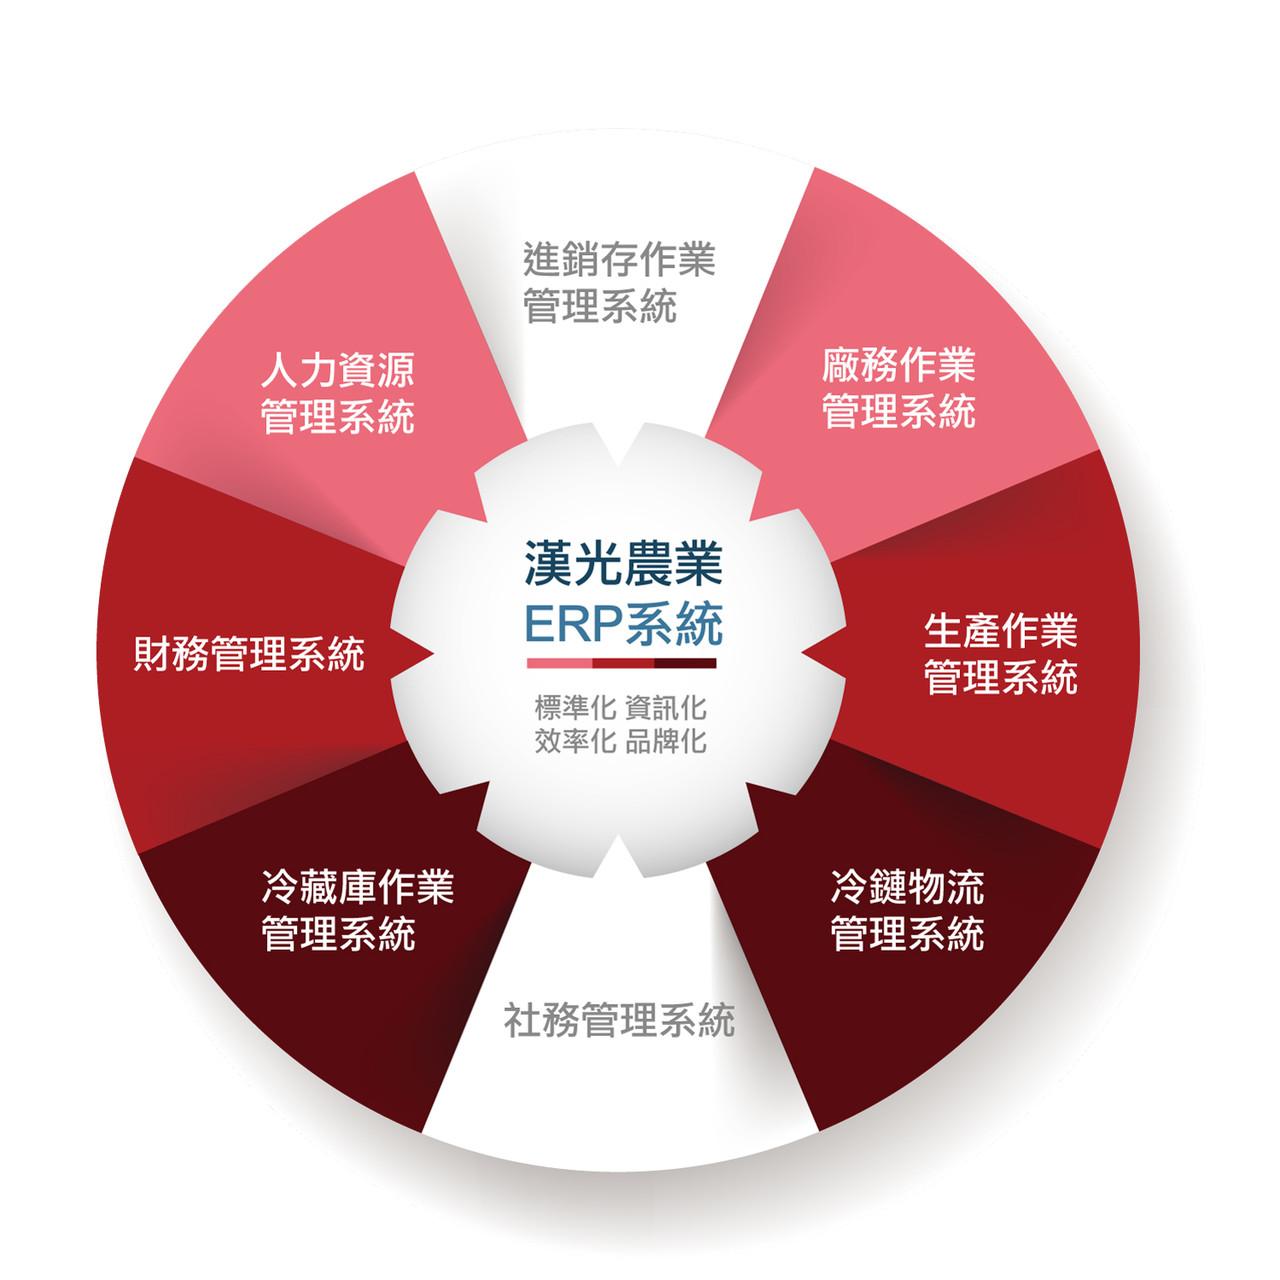 漢光農業ERP